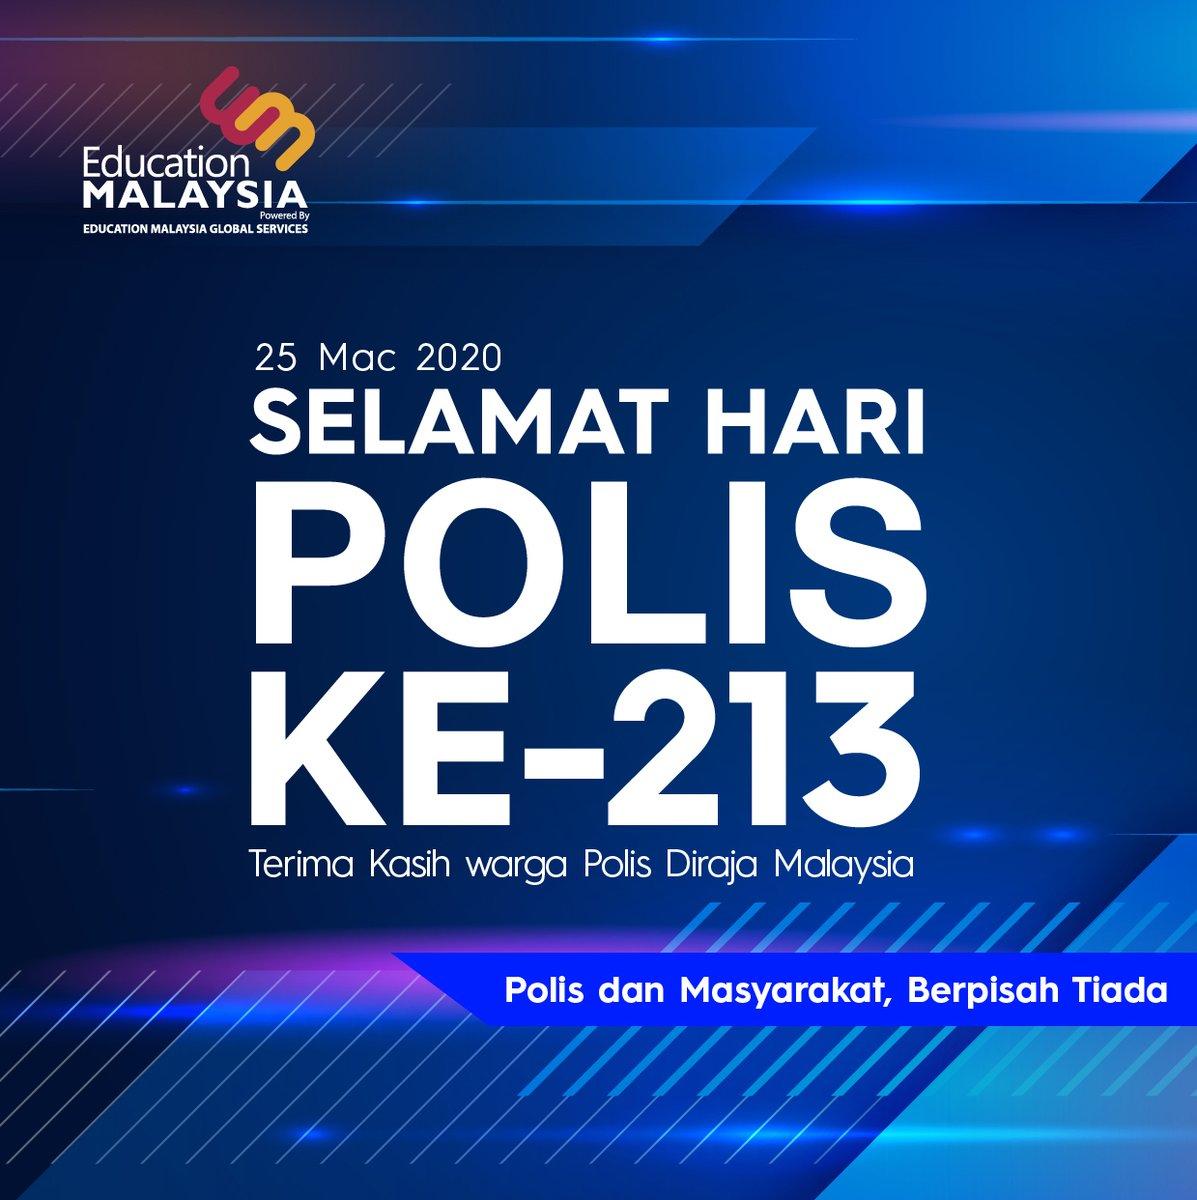 Kami di EMGS ingin mengucapkan Selamat Menyambut Hari Polis ke-213.  Semoga warga Polis Diraja Malaysia akan terus kental dan bersemangat memberi khidmat mereka demi menjaga kedaulatan, keselamatan, kesejahteraan rakyat dan negara Malaysia.  #EducationMalaysia #StudyinMalaysia pic.twitter.com/DJK9IGwRWe